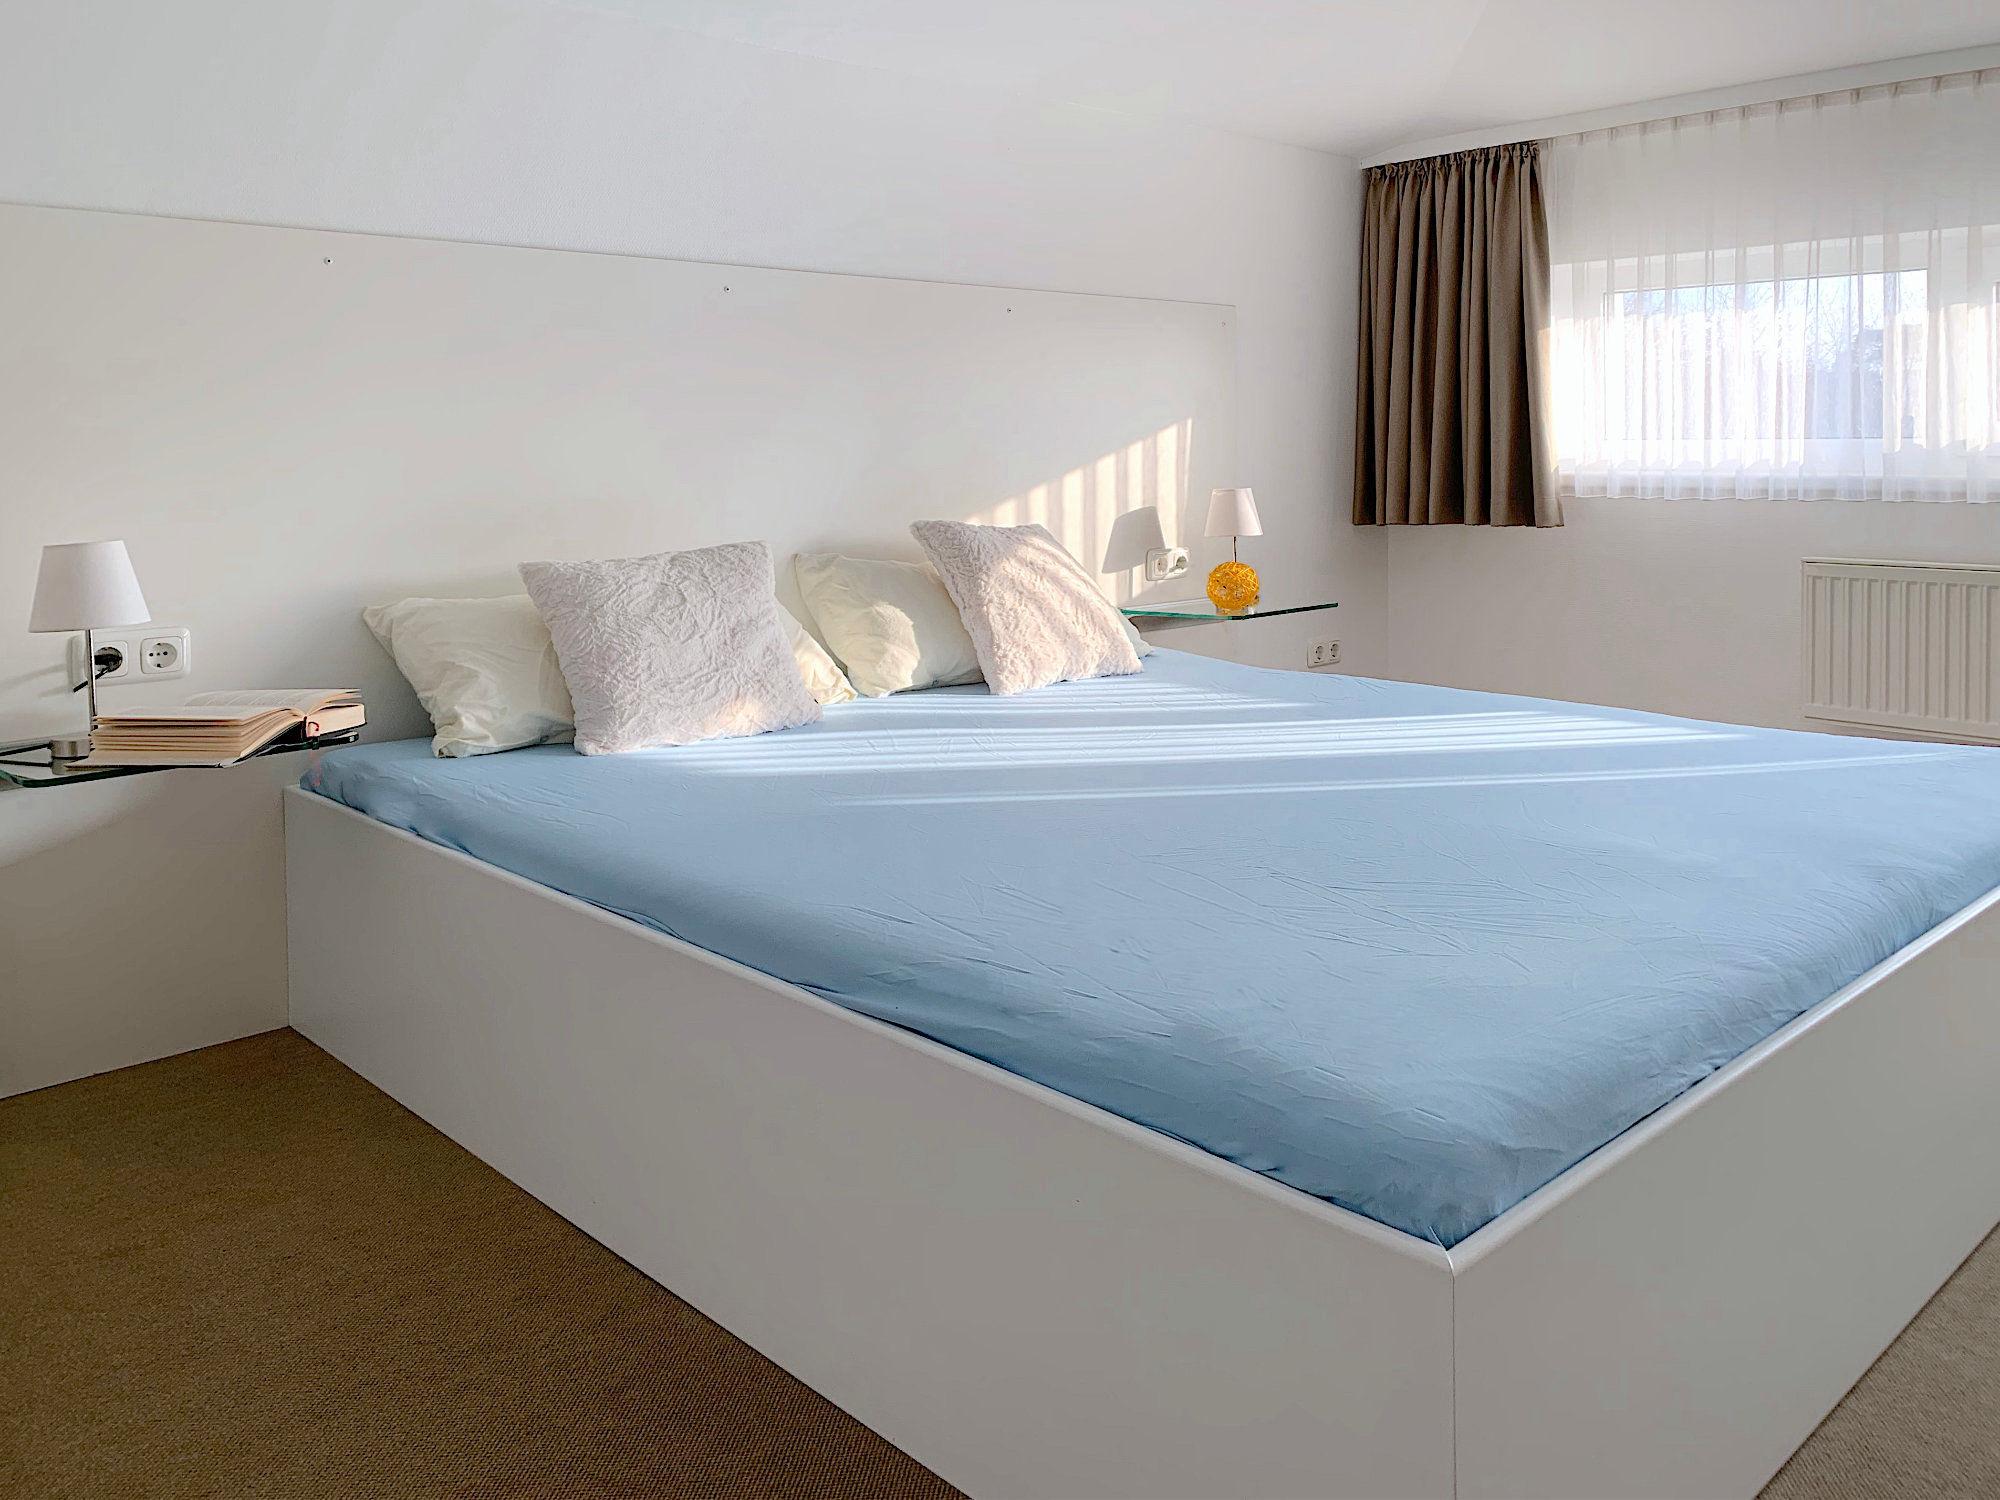 Schlafzimmer mit Doppelbett, rechts davon ein langgestrecktes Fenster